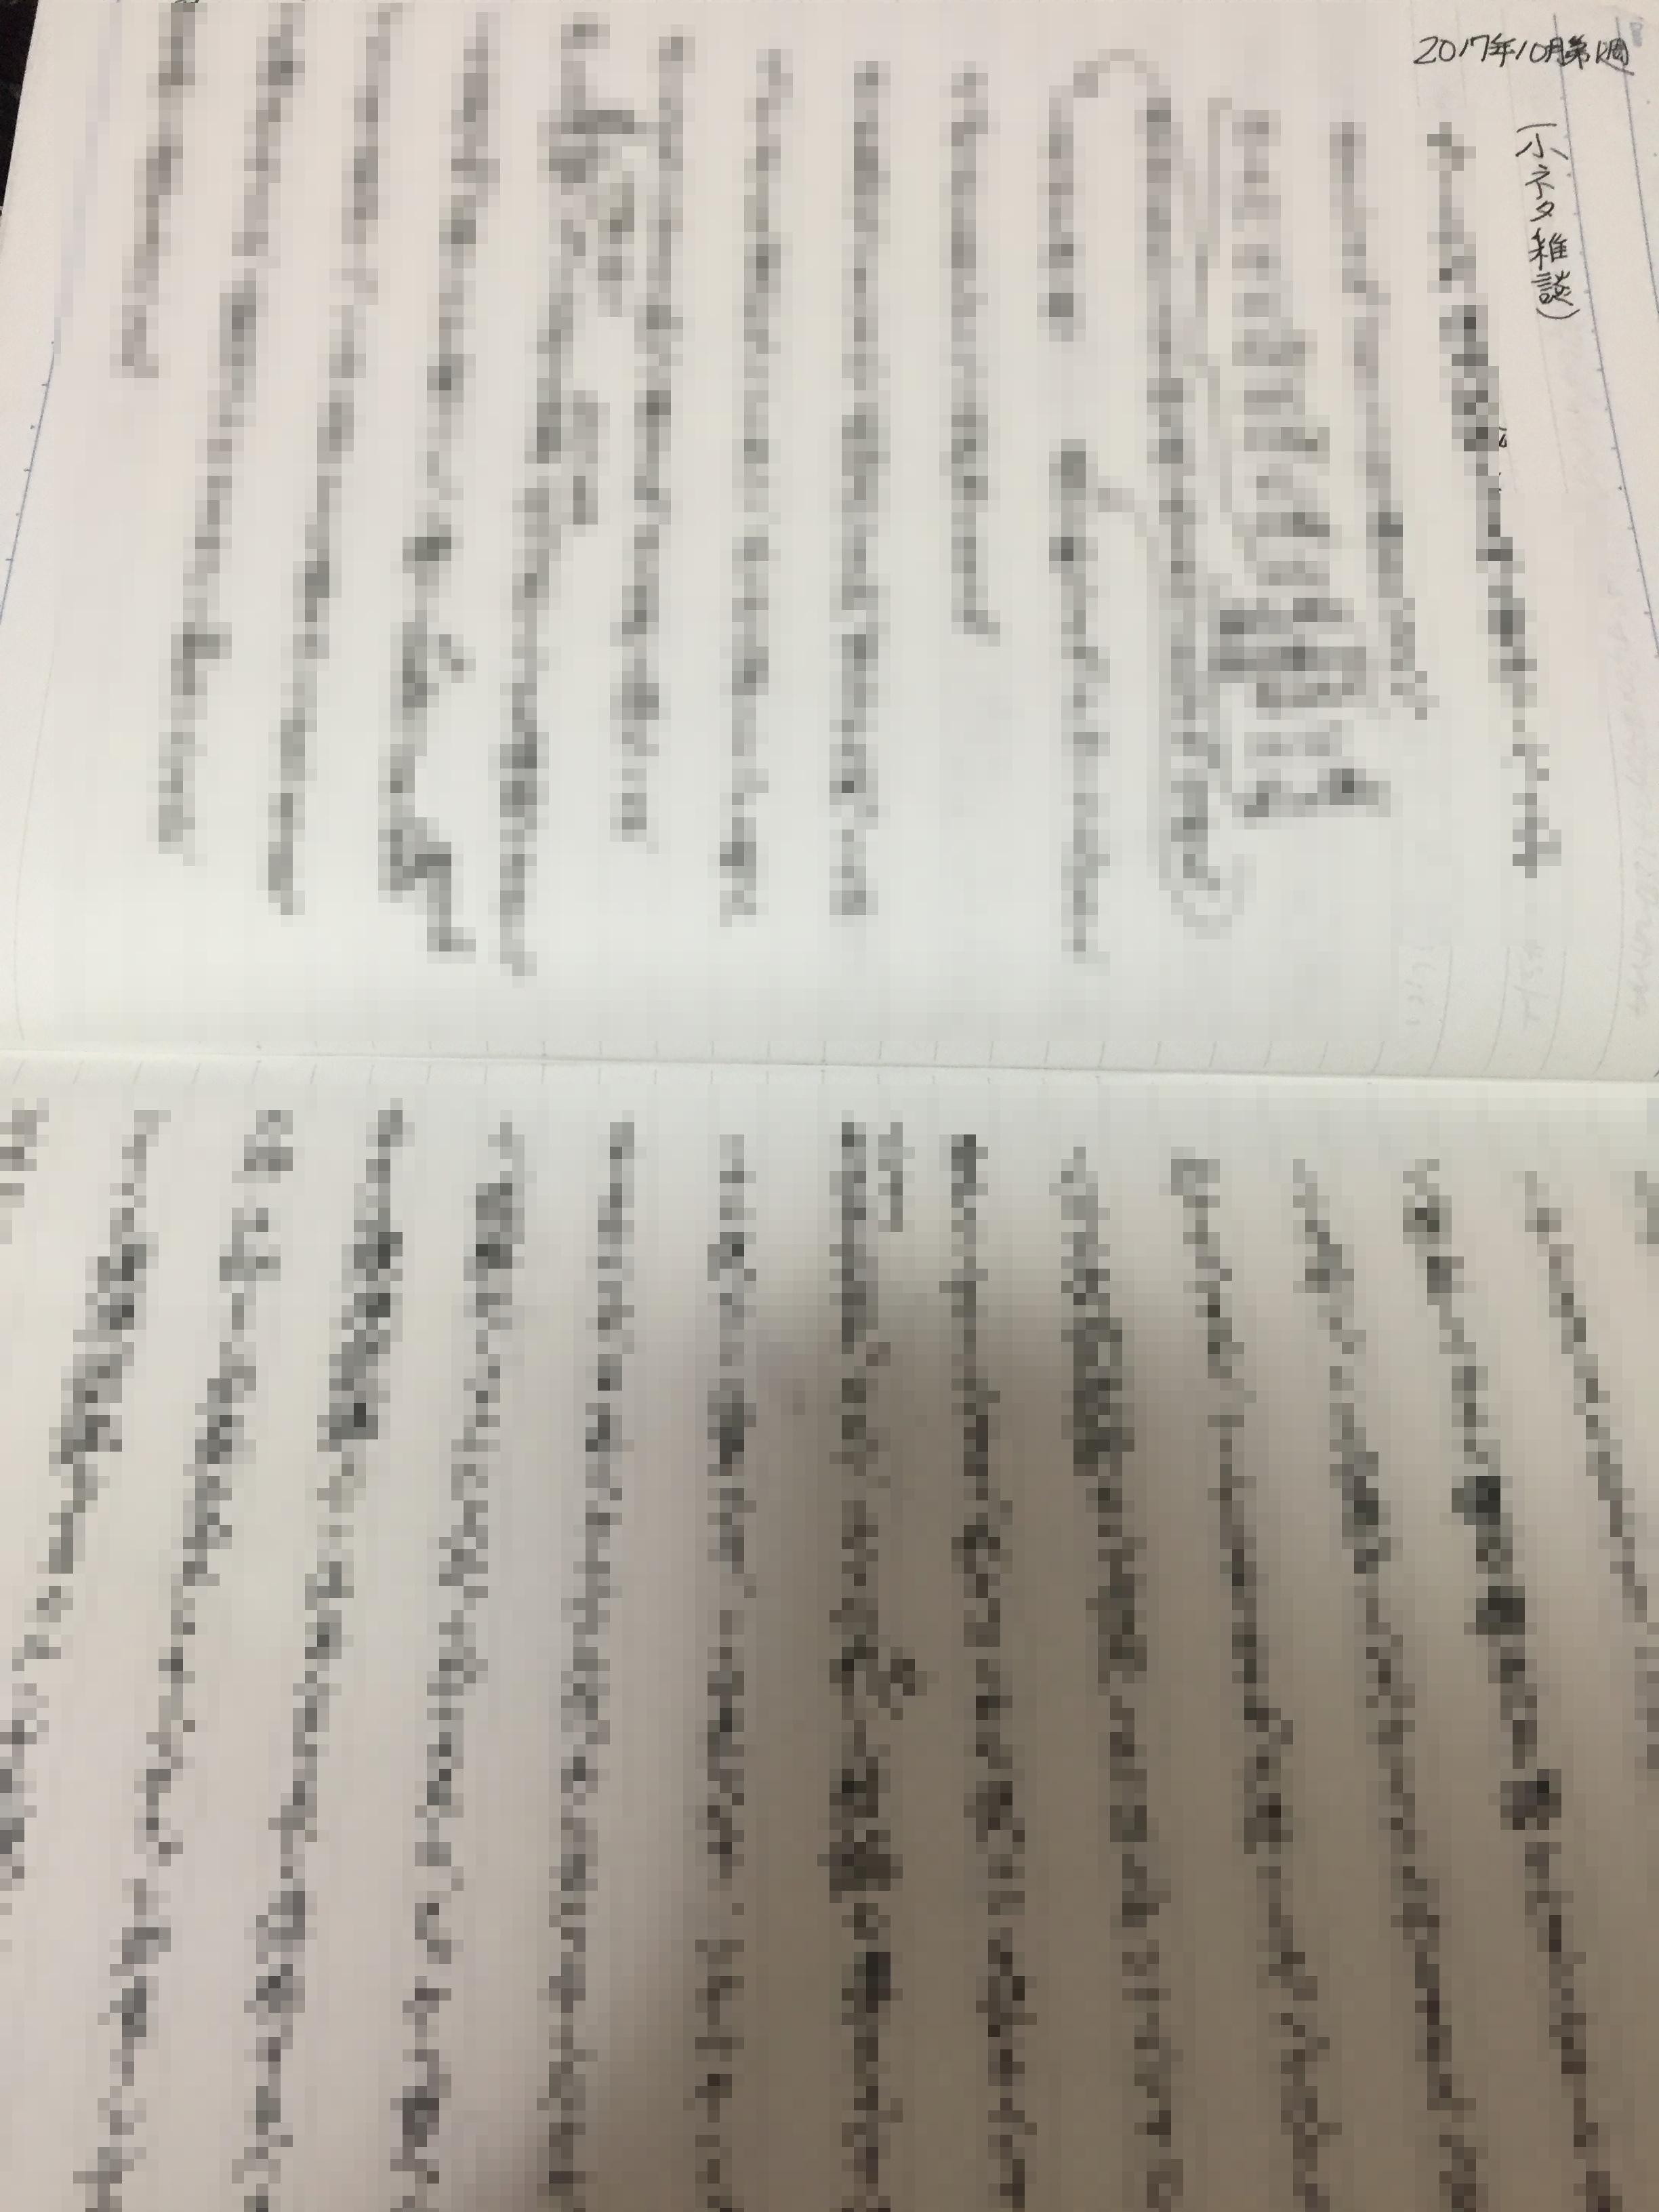 02.動画解説ノート